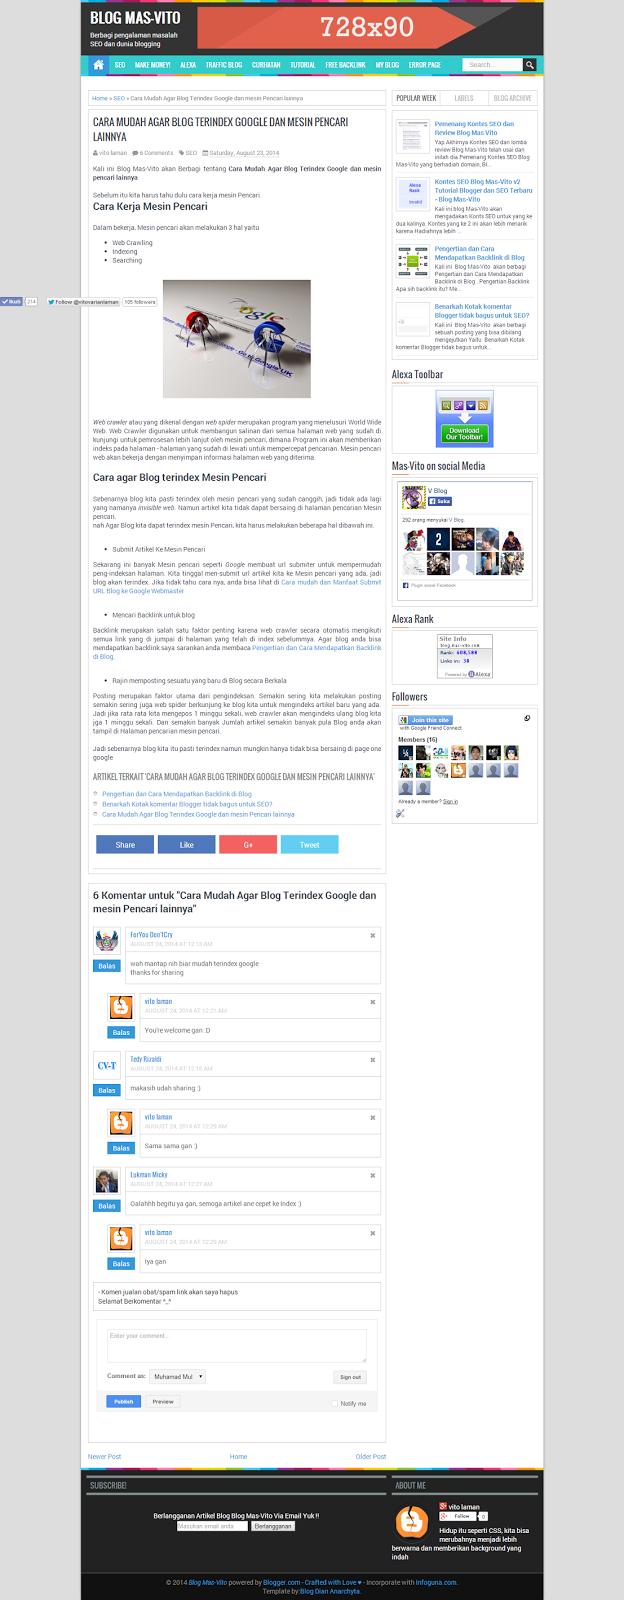 Tutorial Blogger dan SEO Terbaru - Blog Mas-Vito